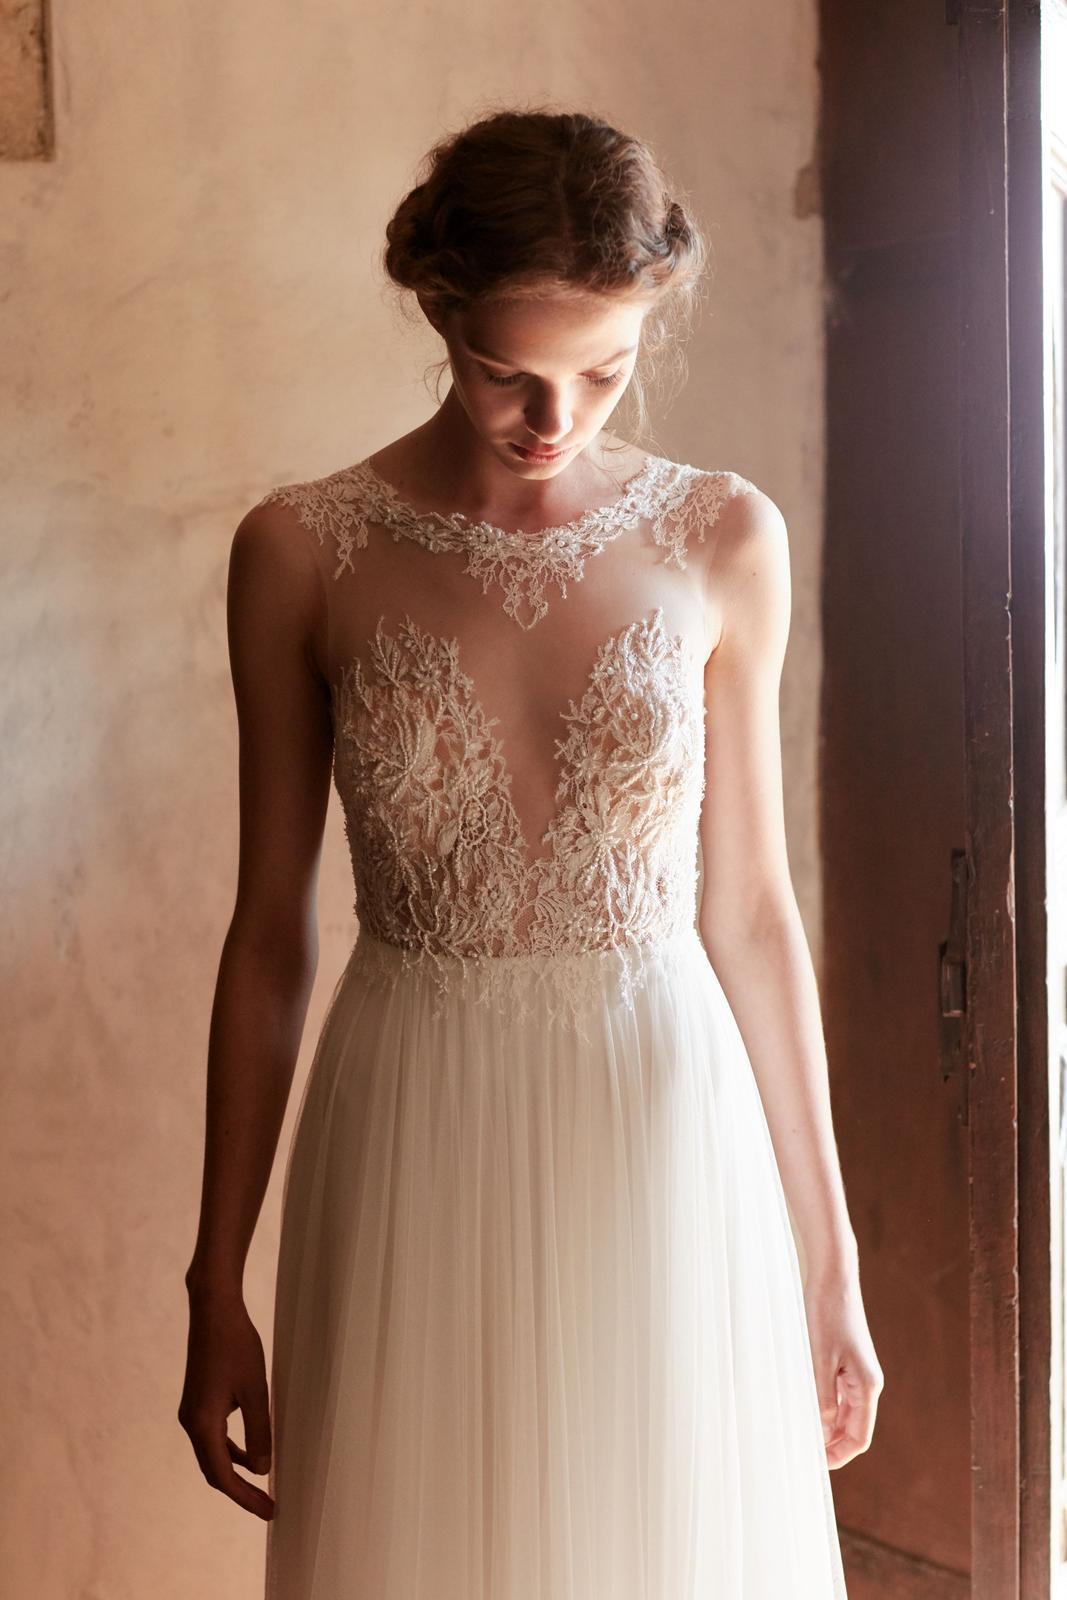 Anna Kara * Svadobné šaty z kolekcií na rok 2019 - Obrázok č. 52